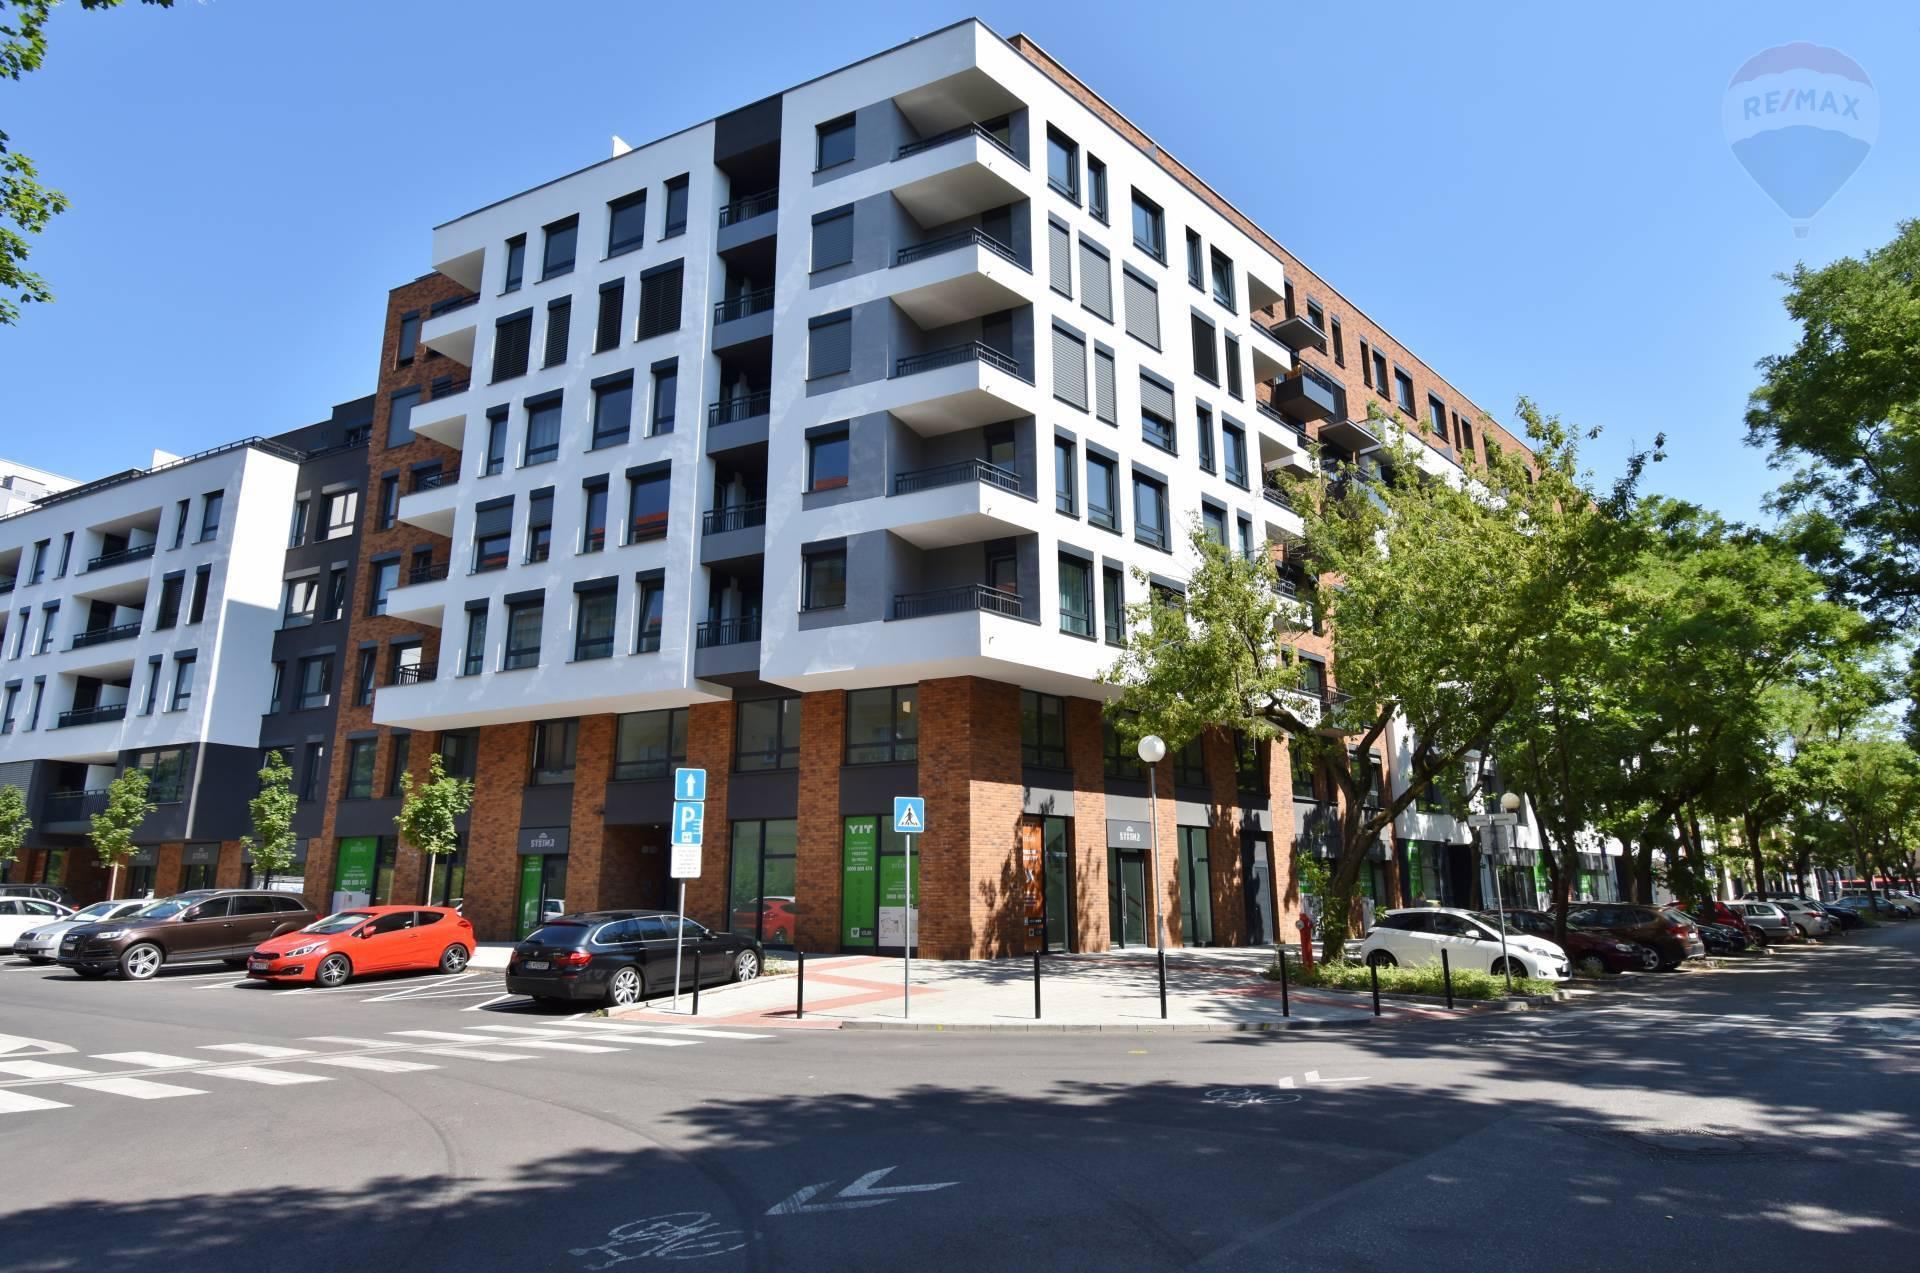 Prenájom 1 izbový byt, 45 m2, Blumentálska ulica, Bratislava Staré Mesto, Novostavba STEIN2